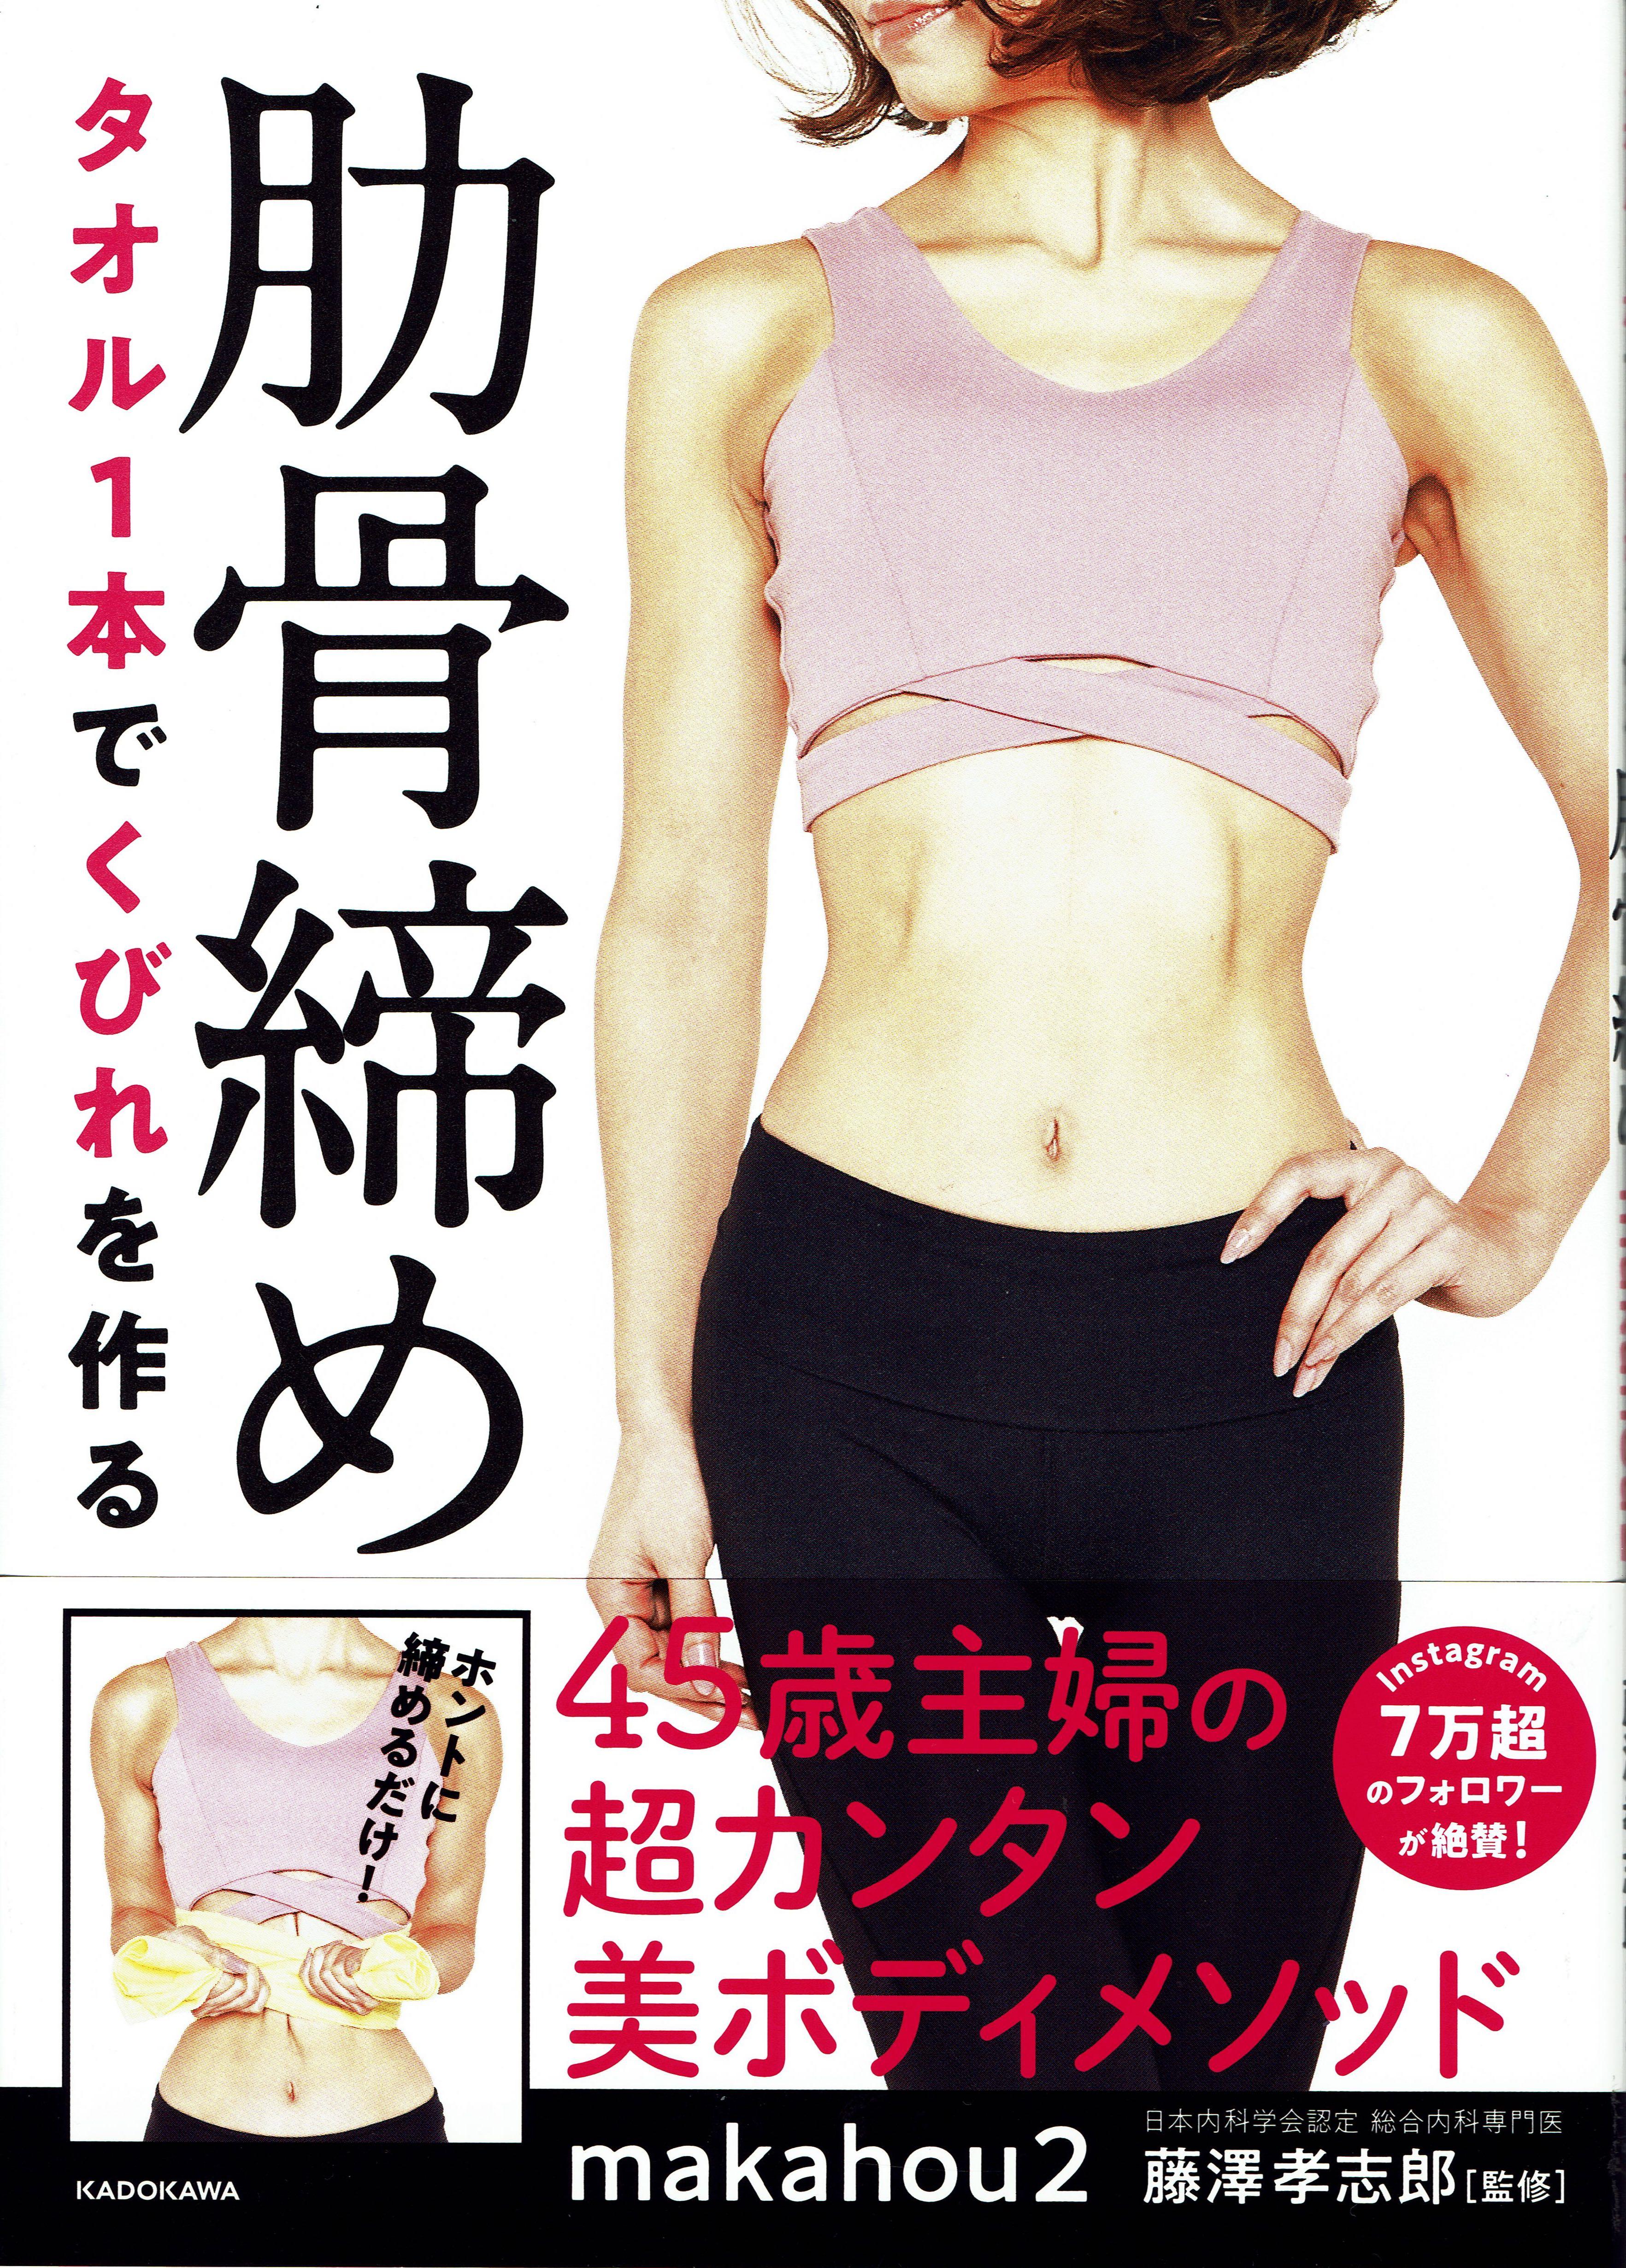 しょせき20200520